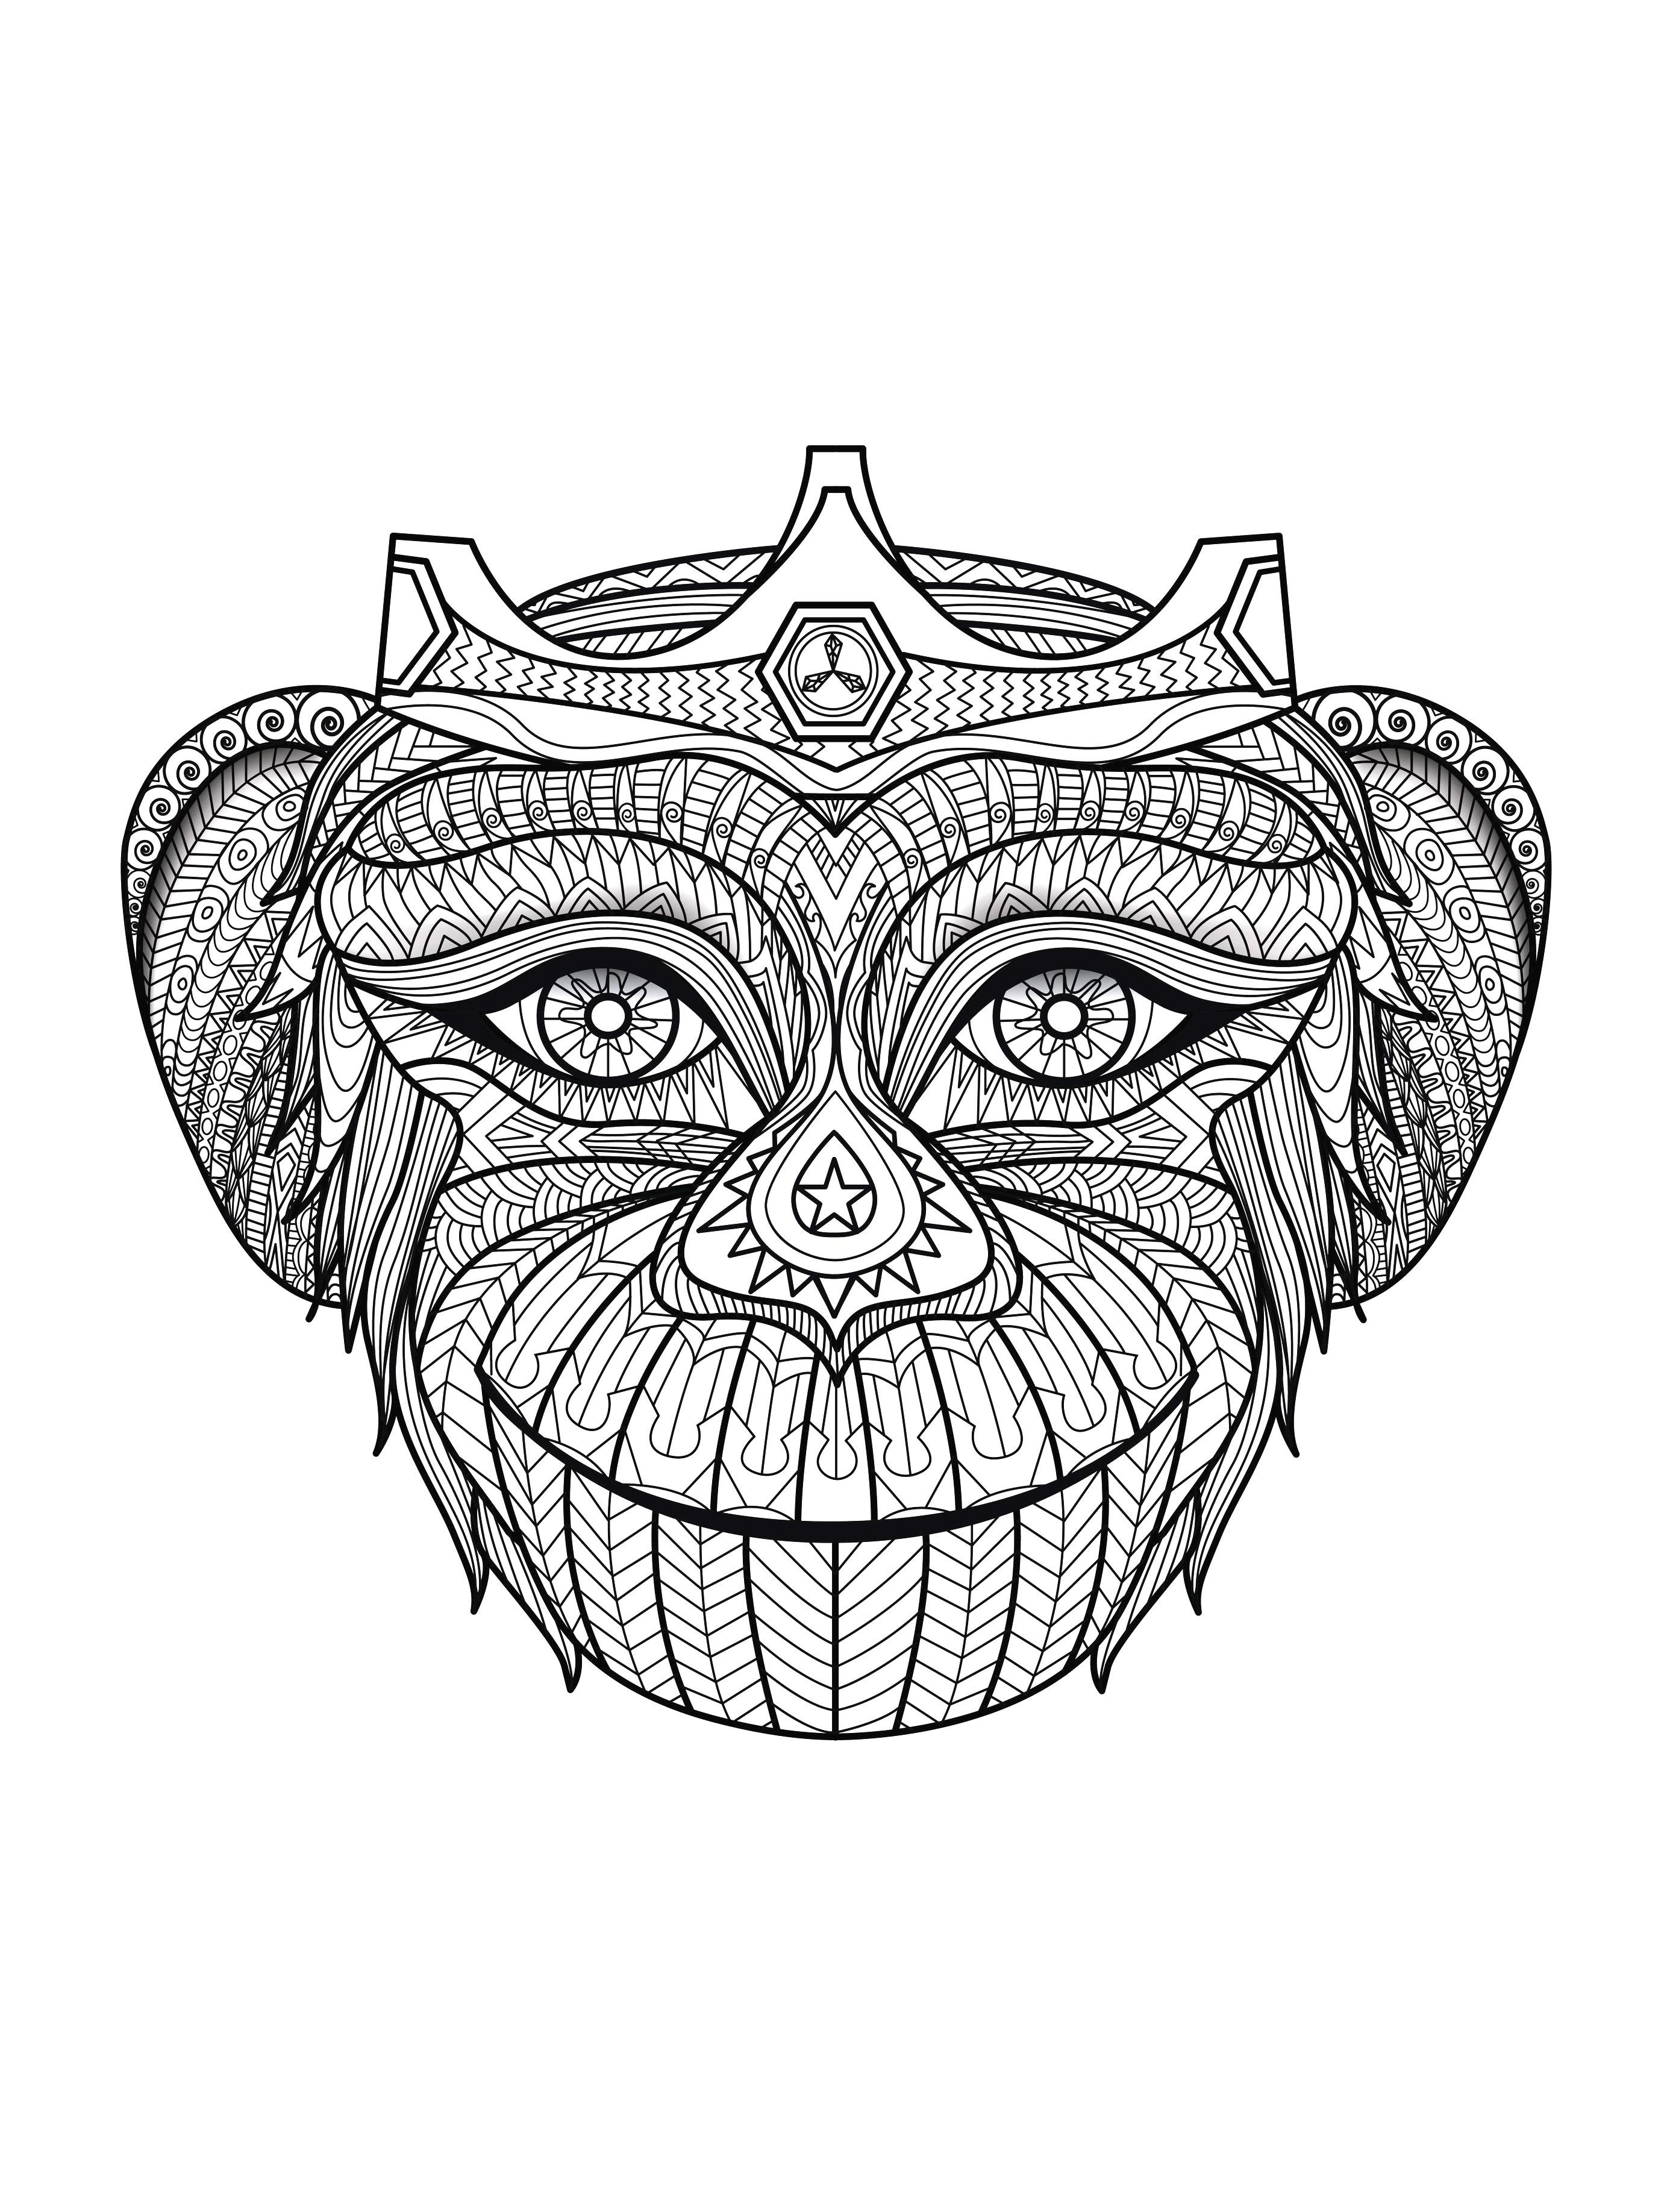 Afrique tete de singeA partir de la galerie : Afrique